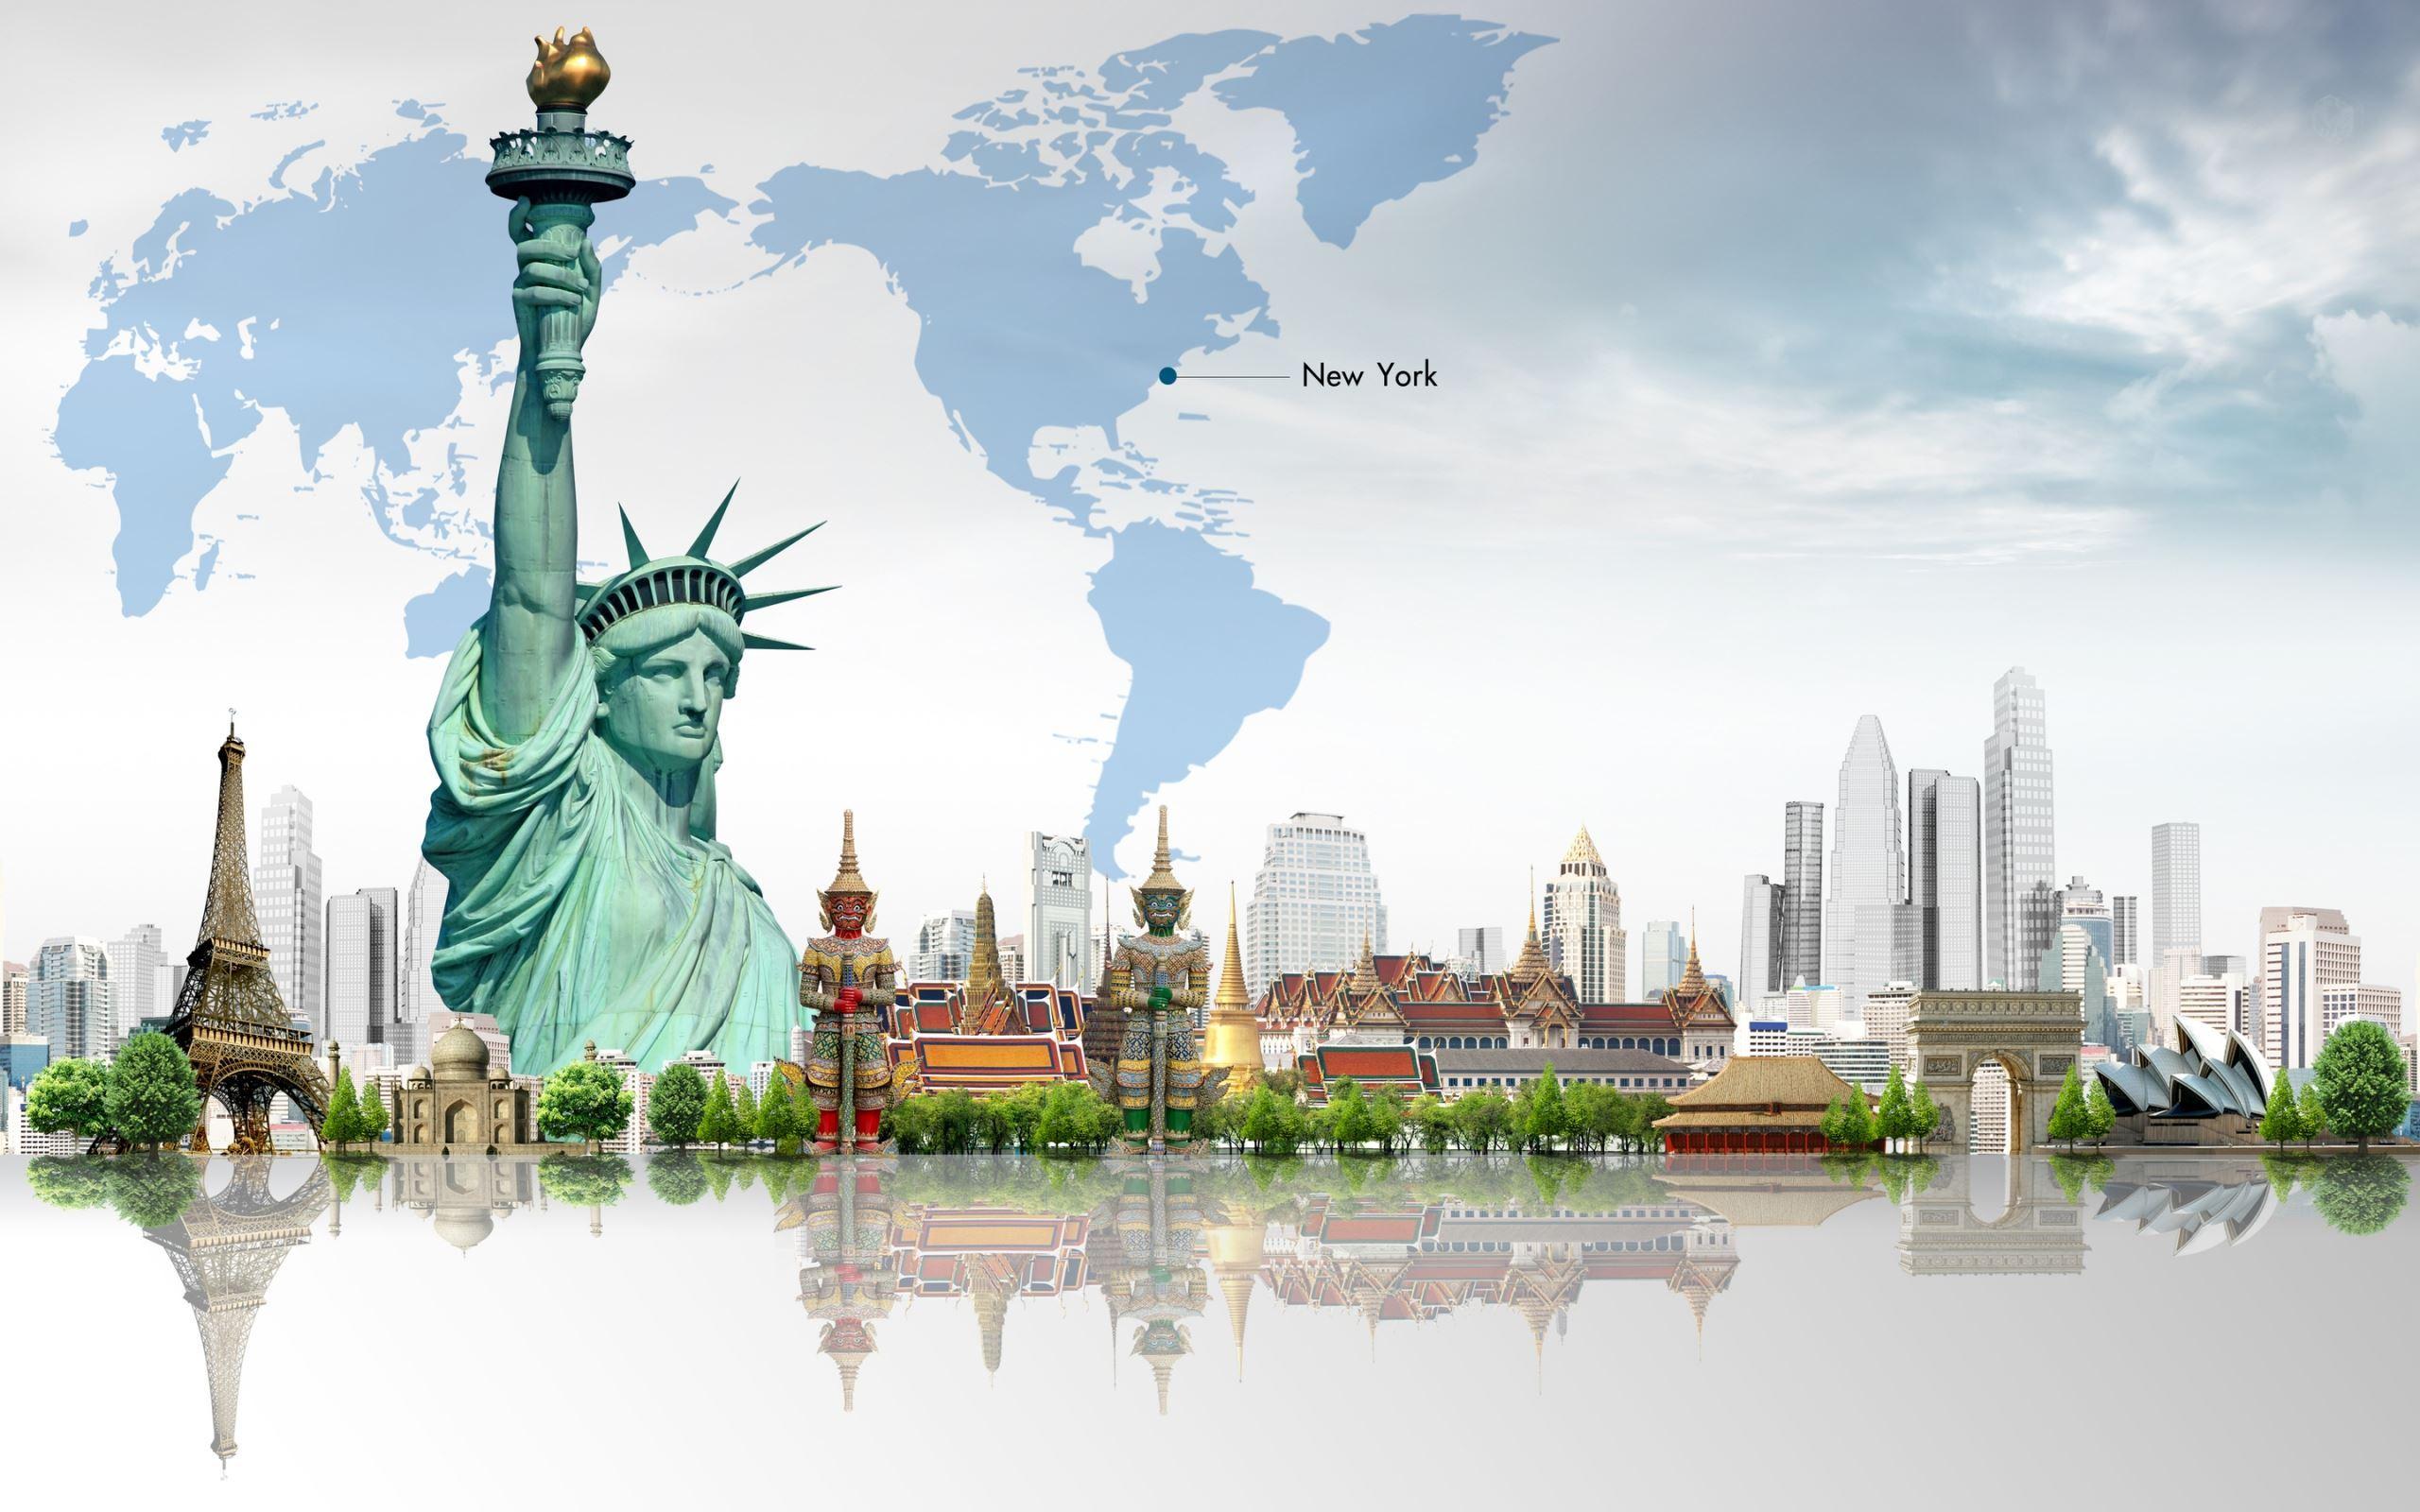 World Travel Wallpaper 2427 Wallpaper Wallpaper hd 2560x1600